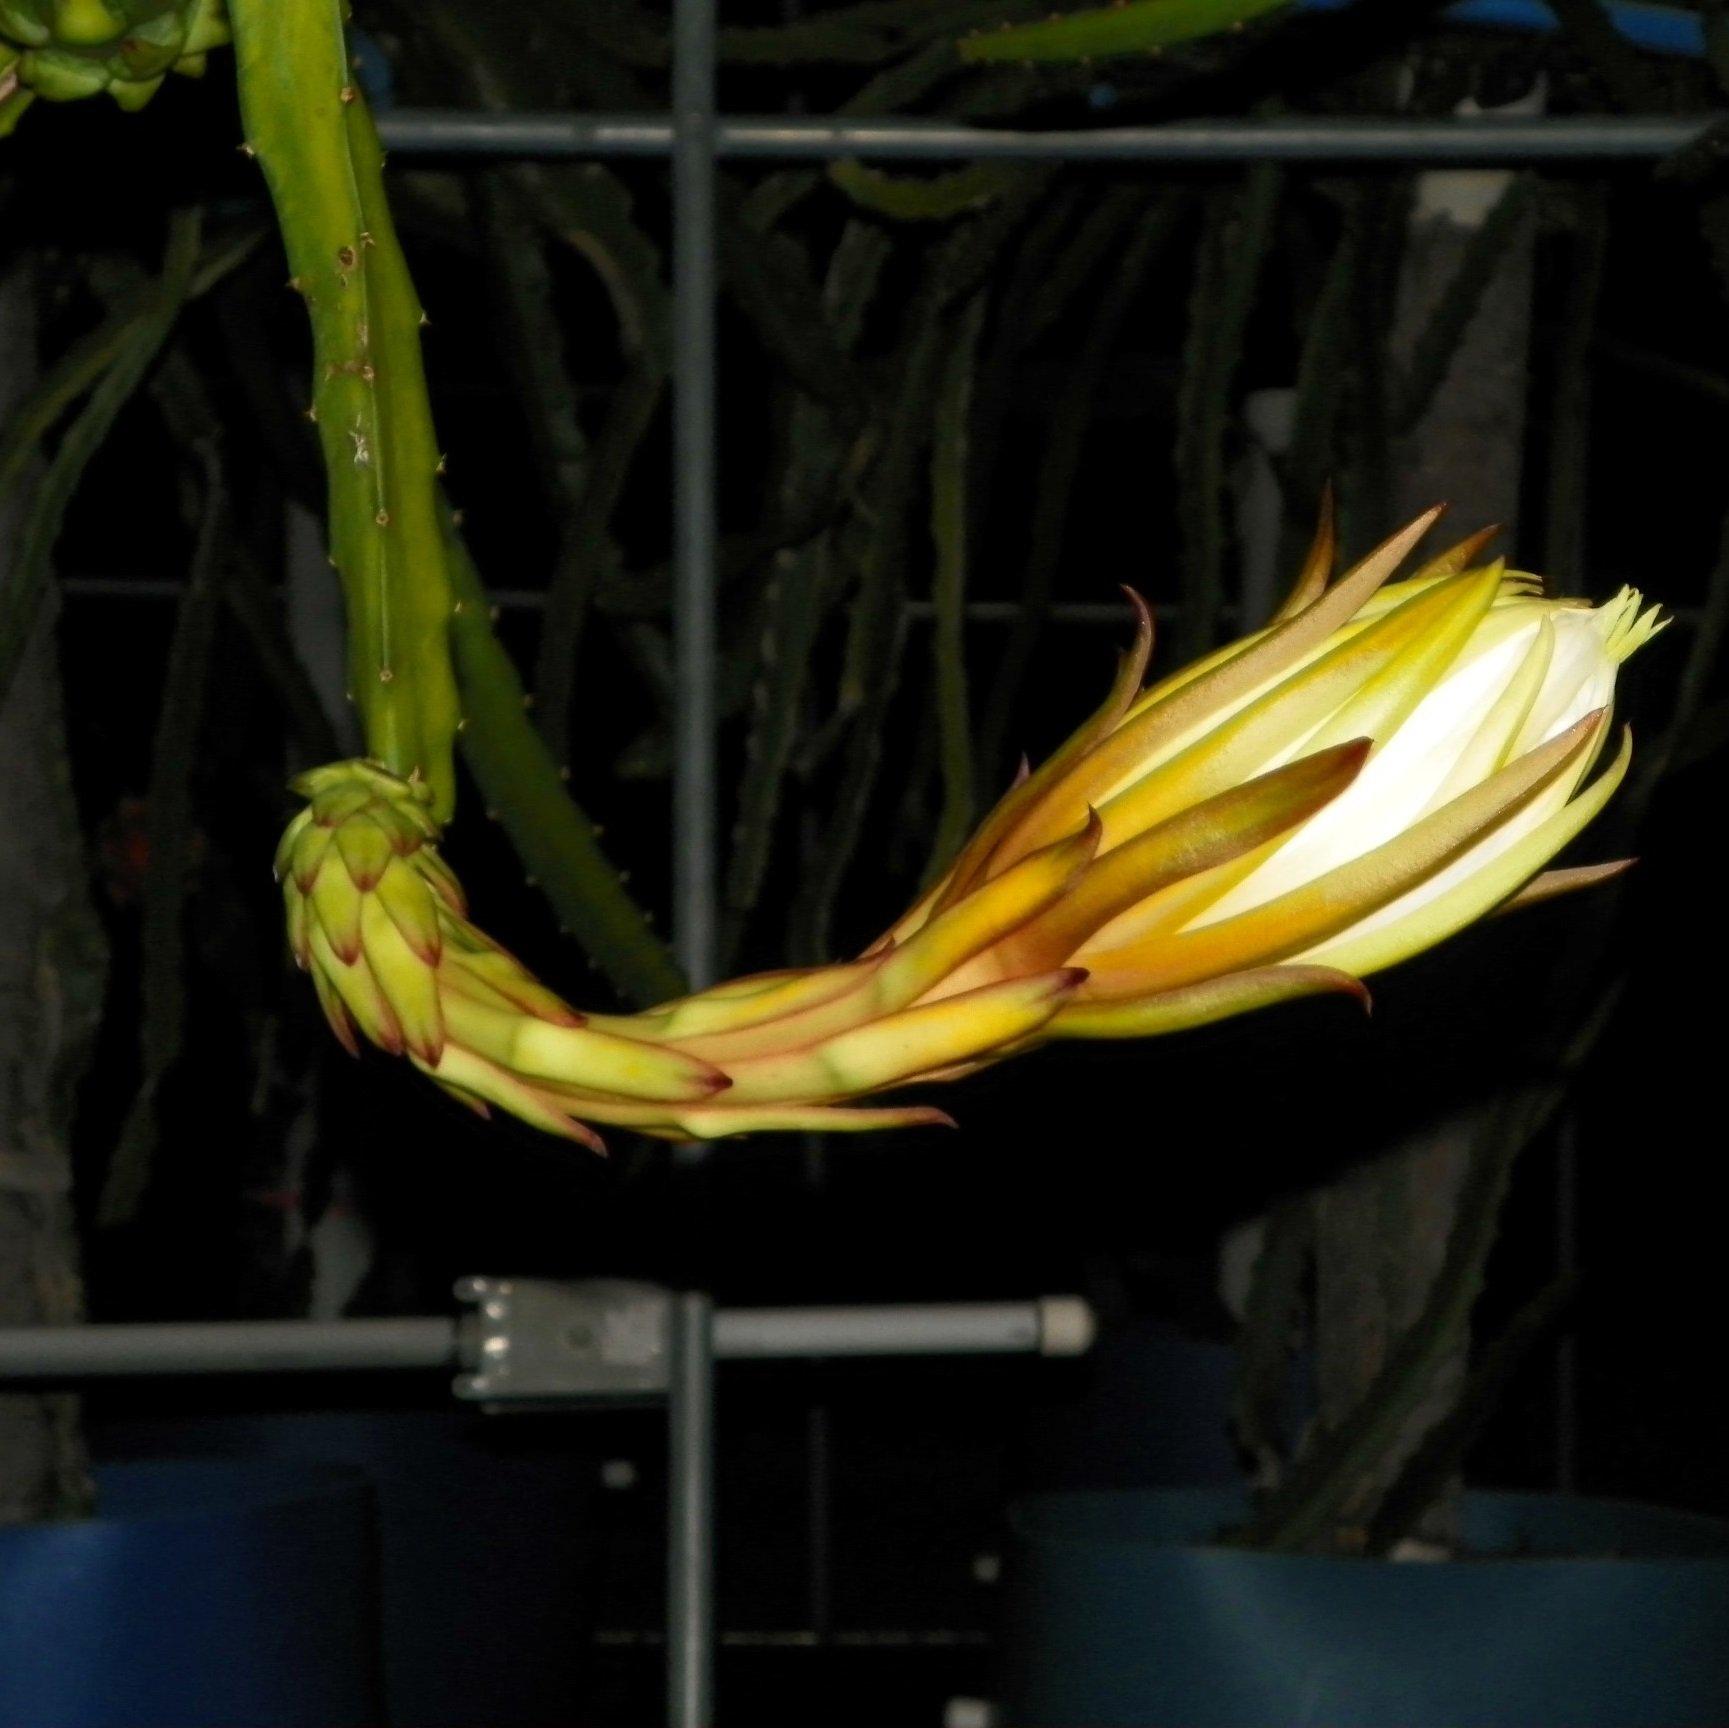 Yellow Thai Flower Bud